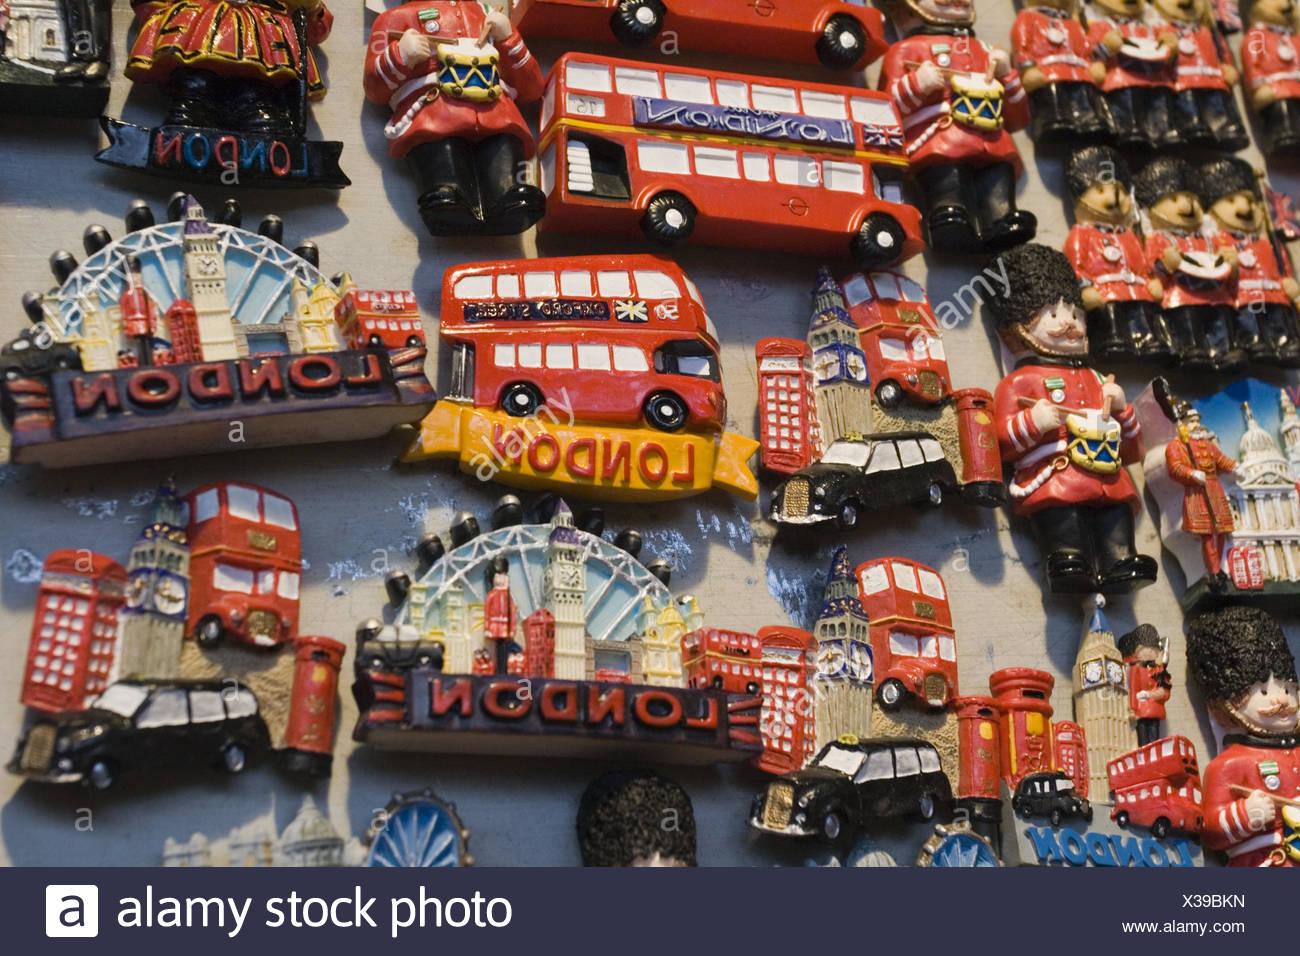 Großbritannien, England, London, Notting Hill,  Portobello Road Market, Souvenirs,  Kühlschrankmagneten, Detail,  Europa, Stadt, Hauptstadt, Reiseziel, Tourismus, Markt, Straßenverkauf, Verkauf, Einzelhandel, Nippes, Kitsch, Andenken, Sehenswürdigkeiten, Wahrzeichen, Magneten, Stock Photo